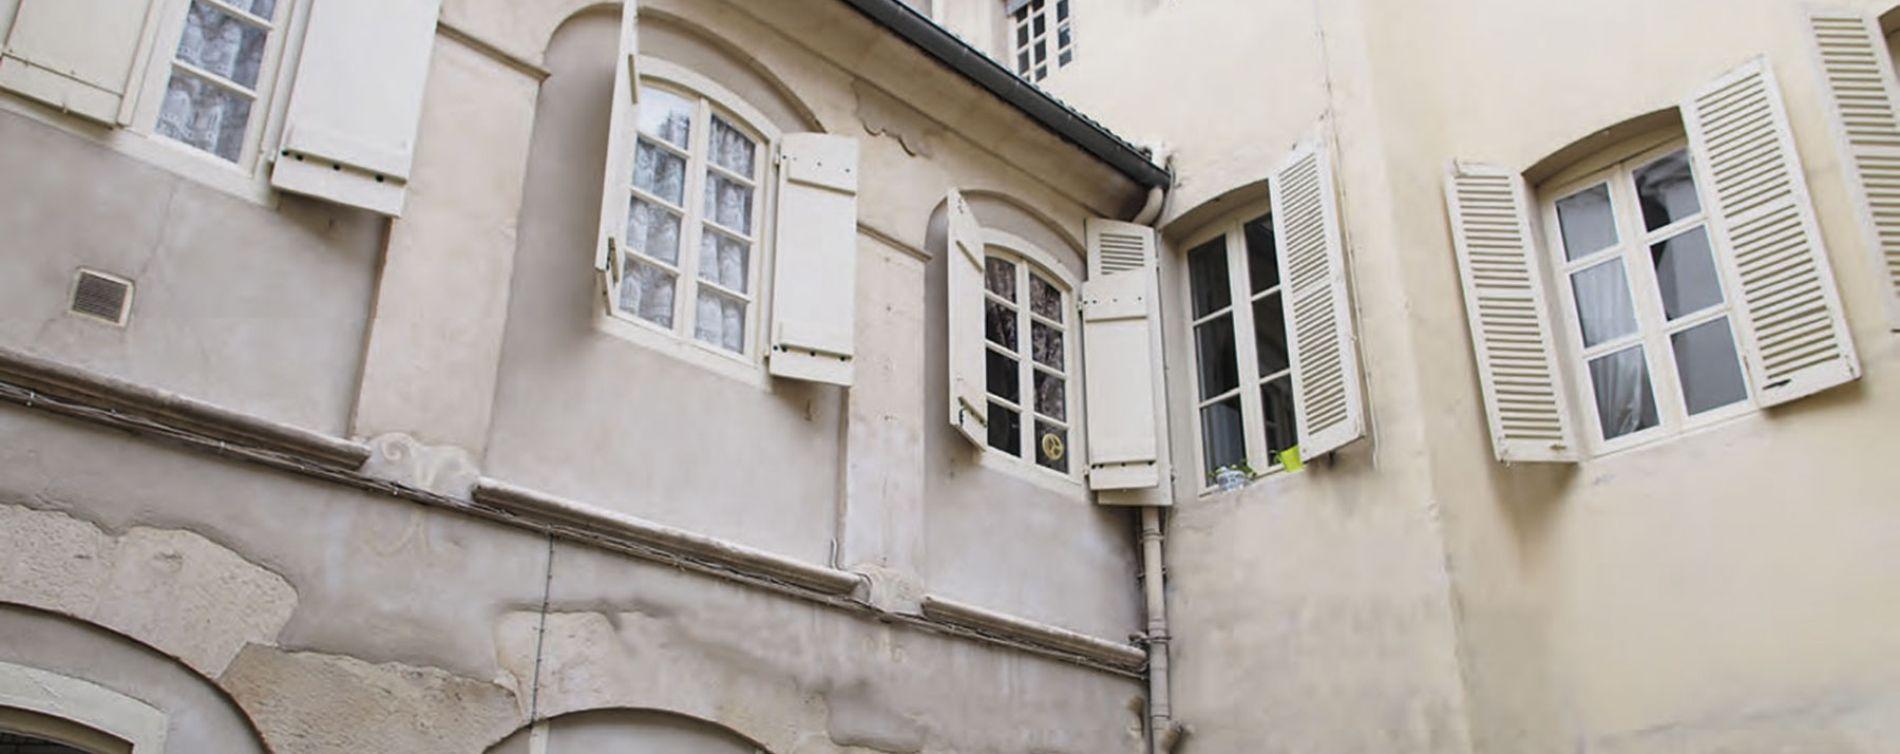 Résidence Hôtel Mercier à Chalon-sur-Saône